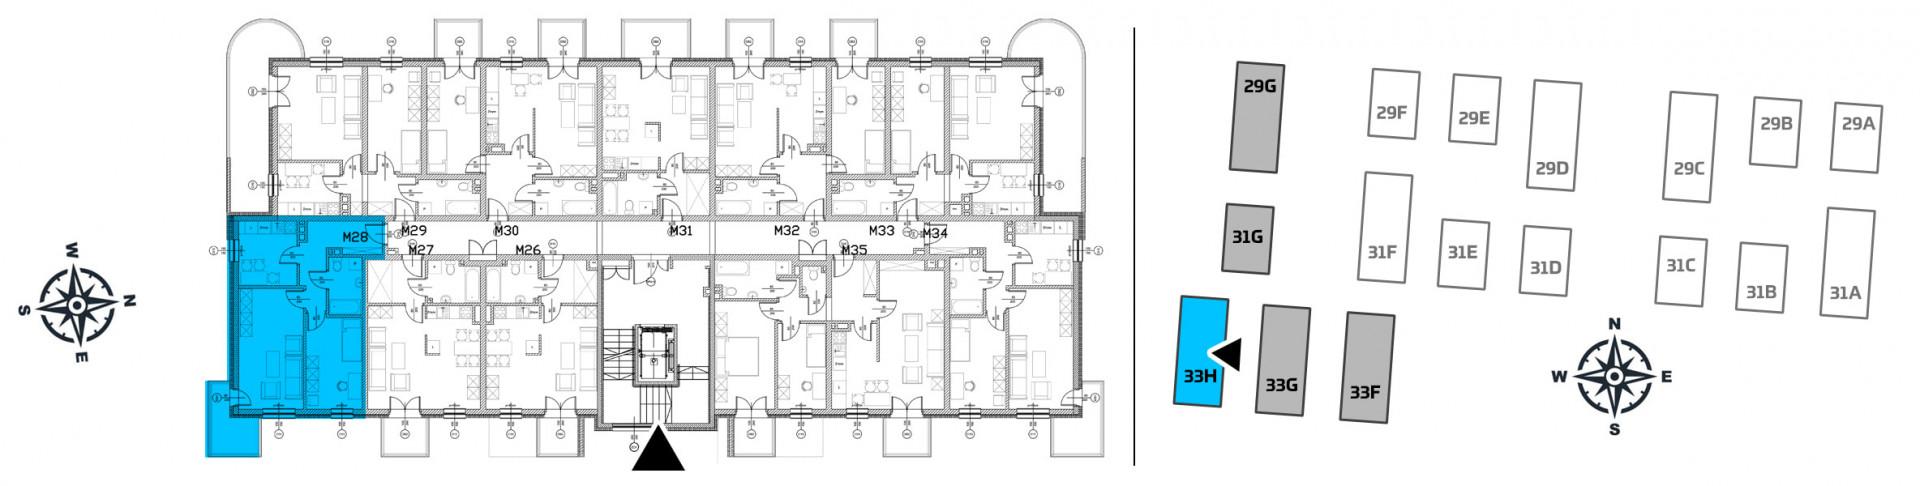 Mieszkanie dwupokojowe 33H/28 rzut 2